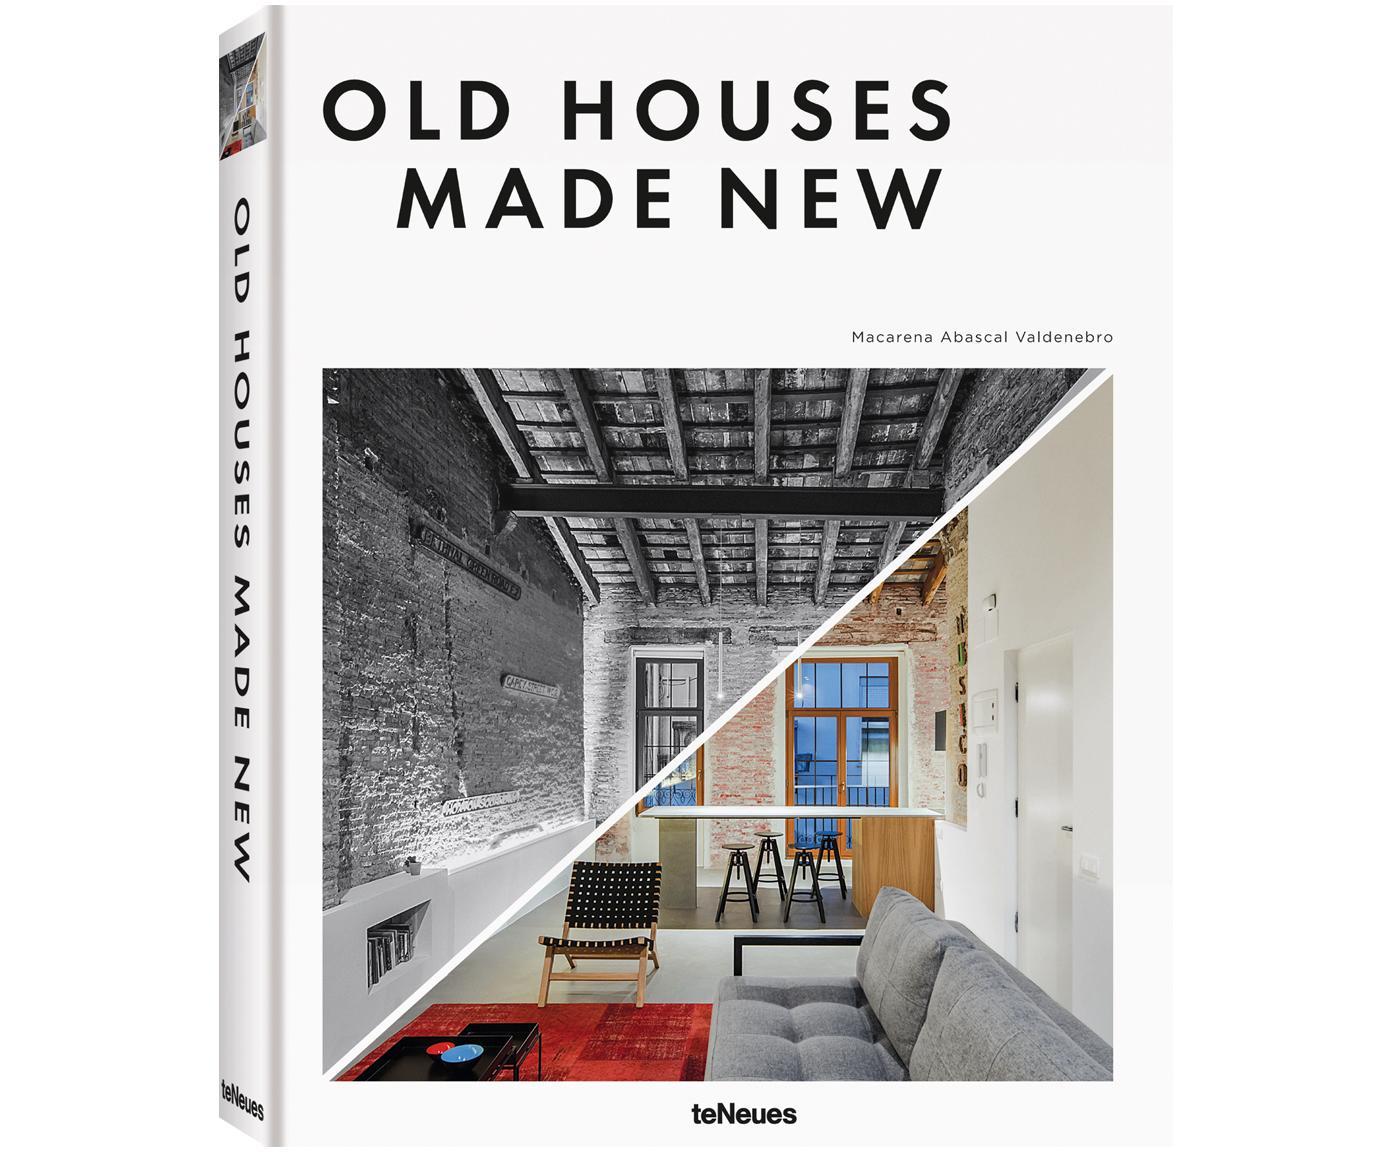 Album Old Houses Made New, Papier, twarda okładka, Wielobarwny, D 32 x S 25 cm